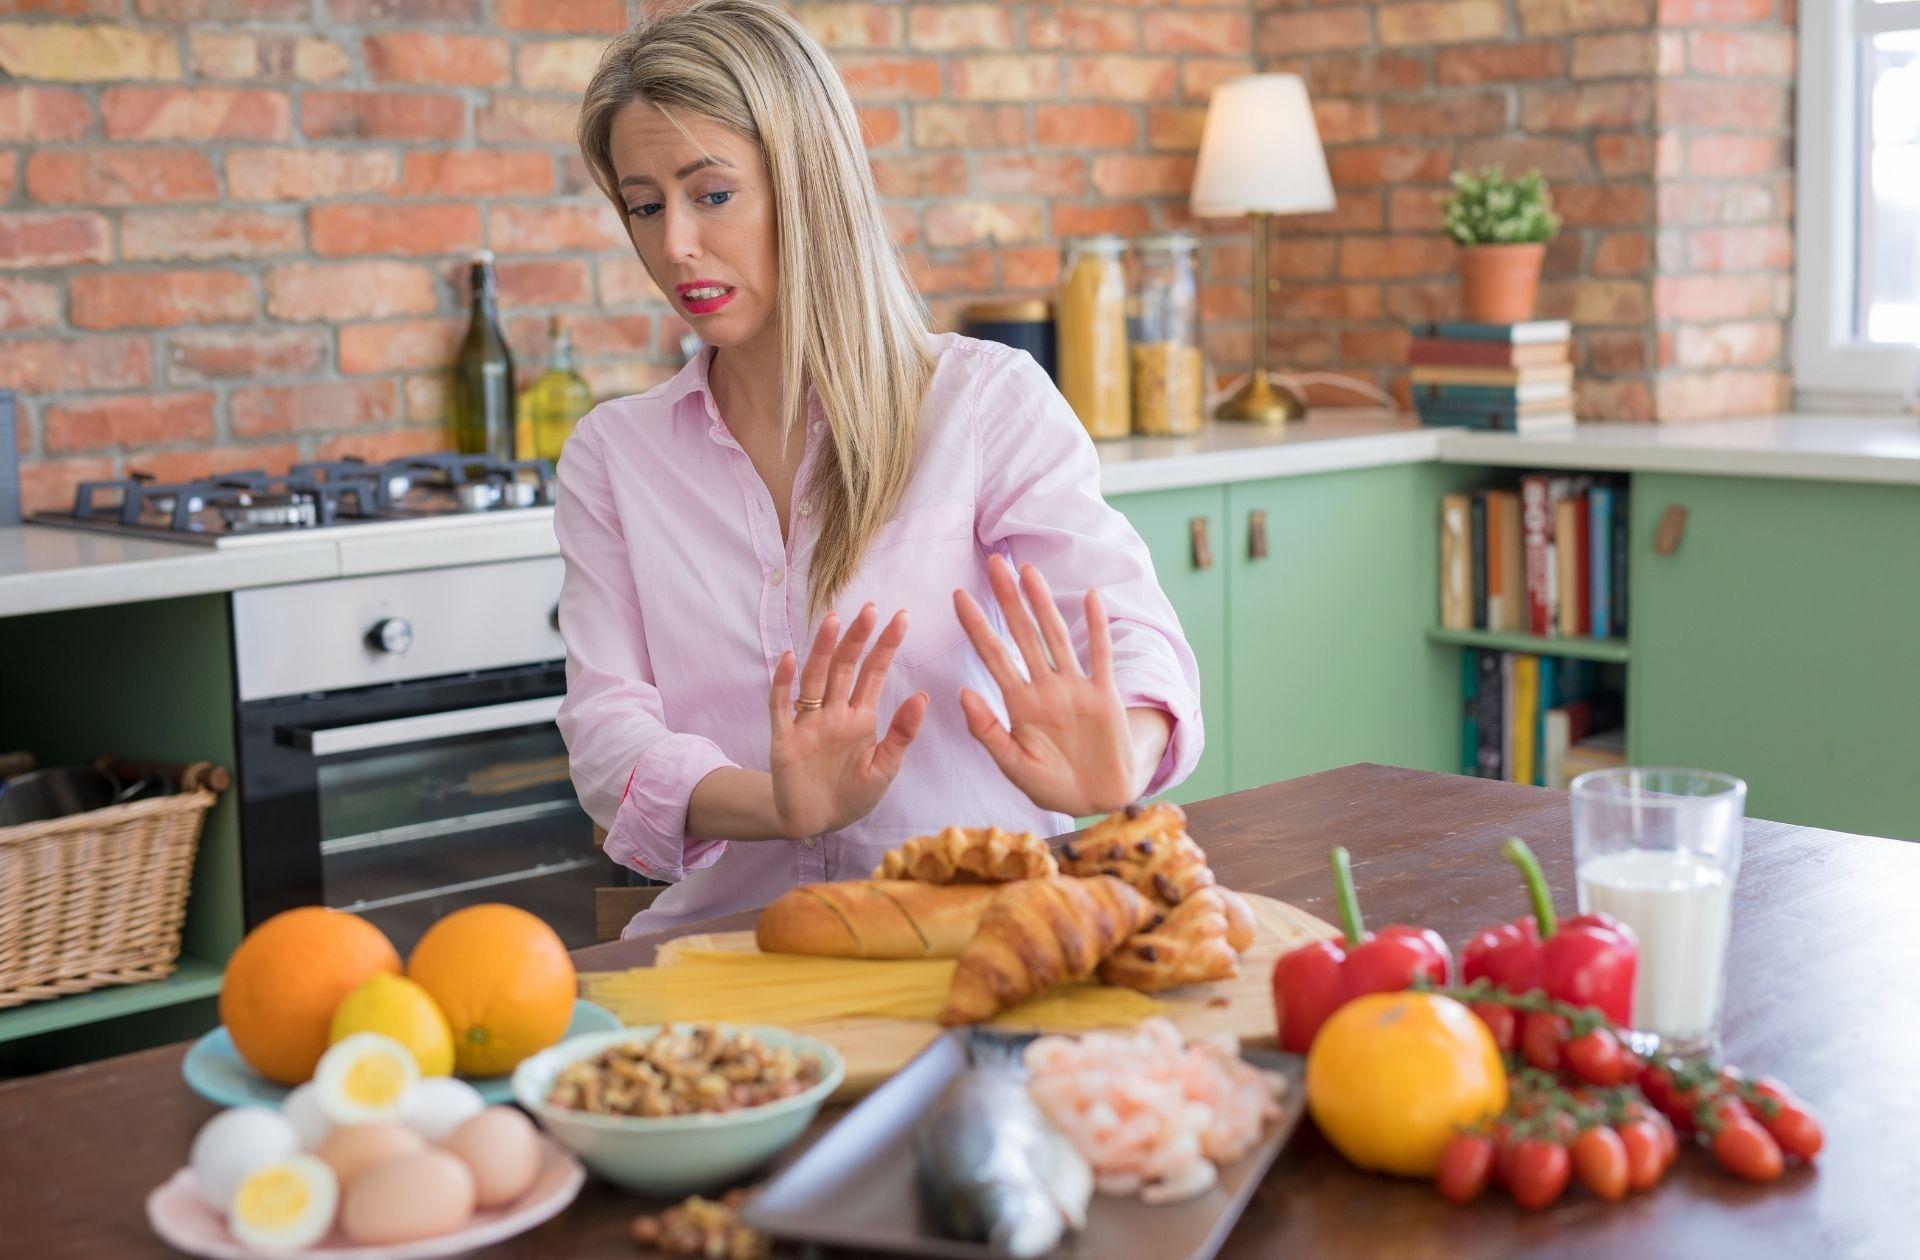 อาหารที่ควรเลี่ยงเมื่อ่เป็นลำไส้รั่ว